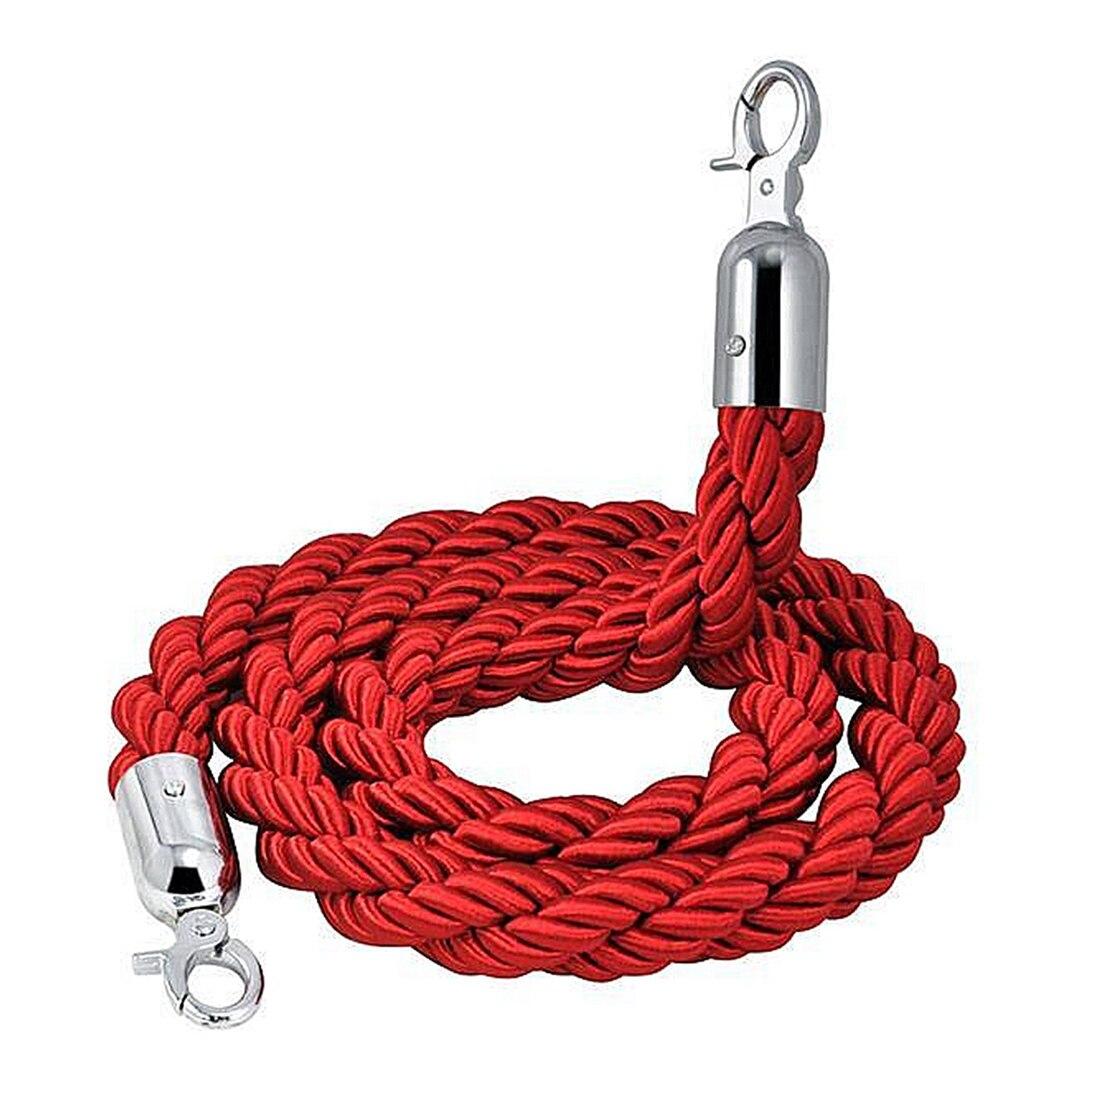 Качество 1,5 м длинные витой барьер для очереди веревка красный для сообщений подставки